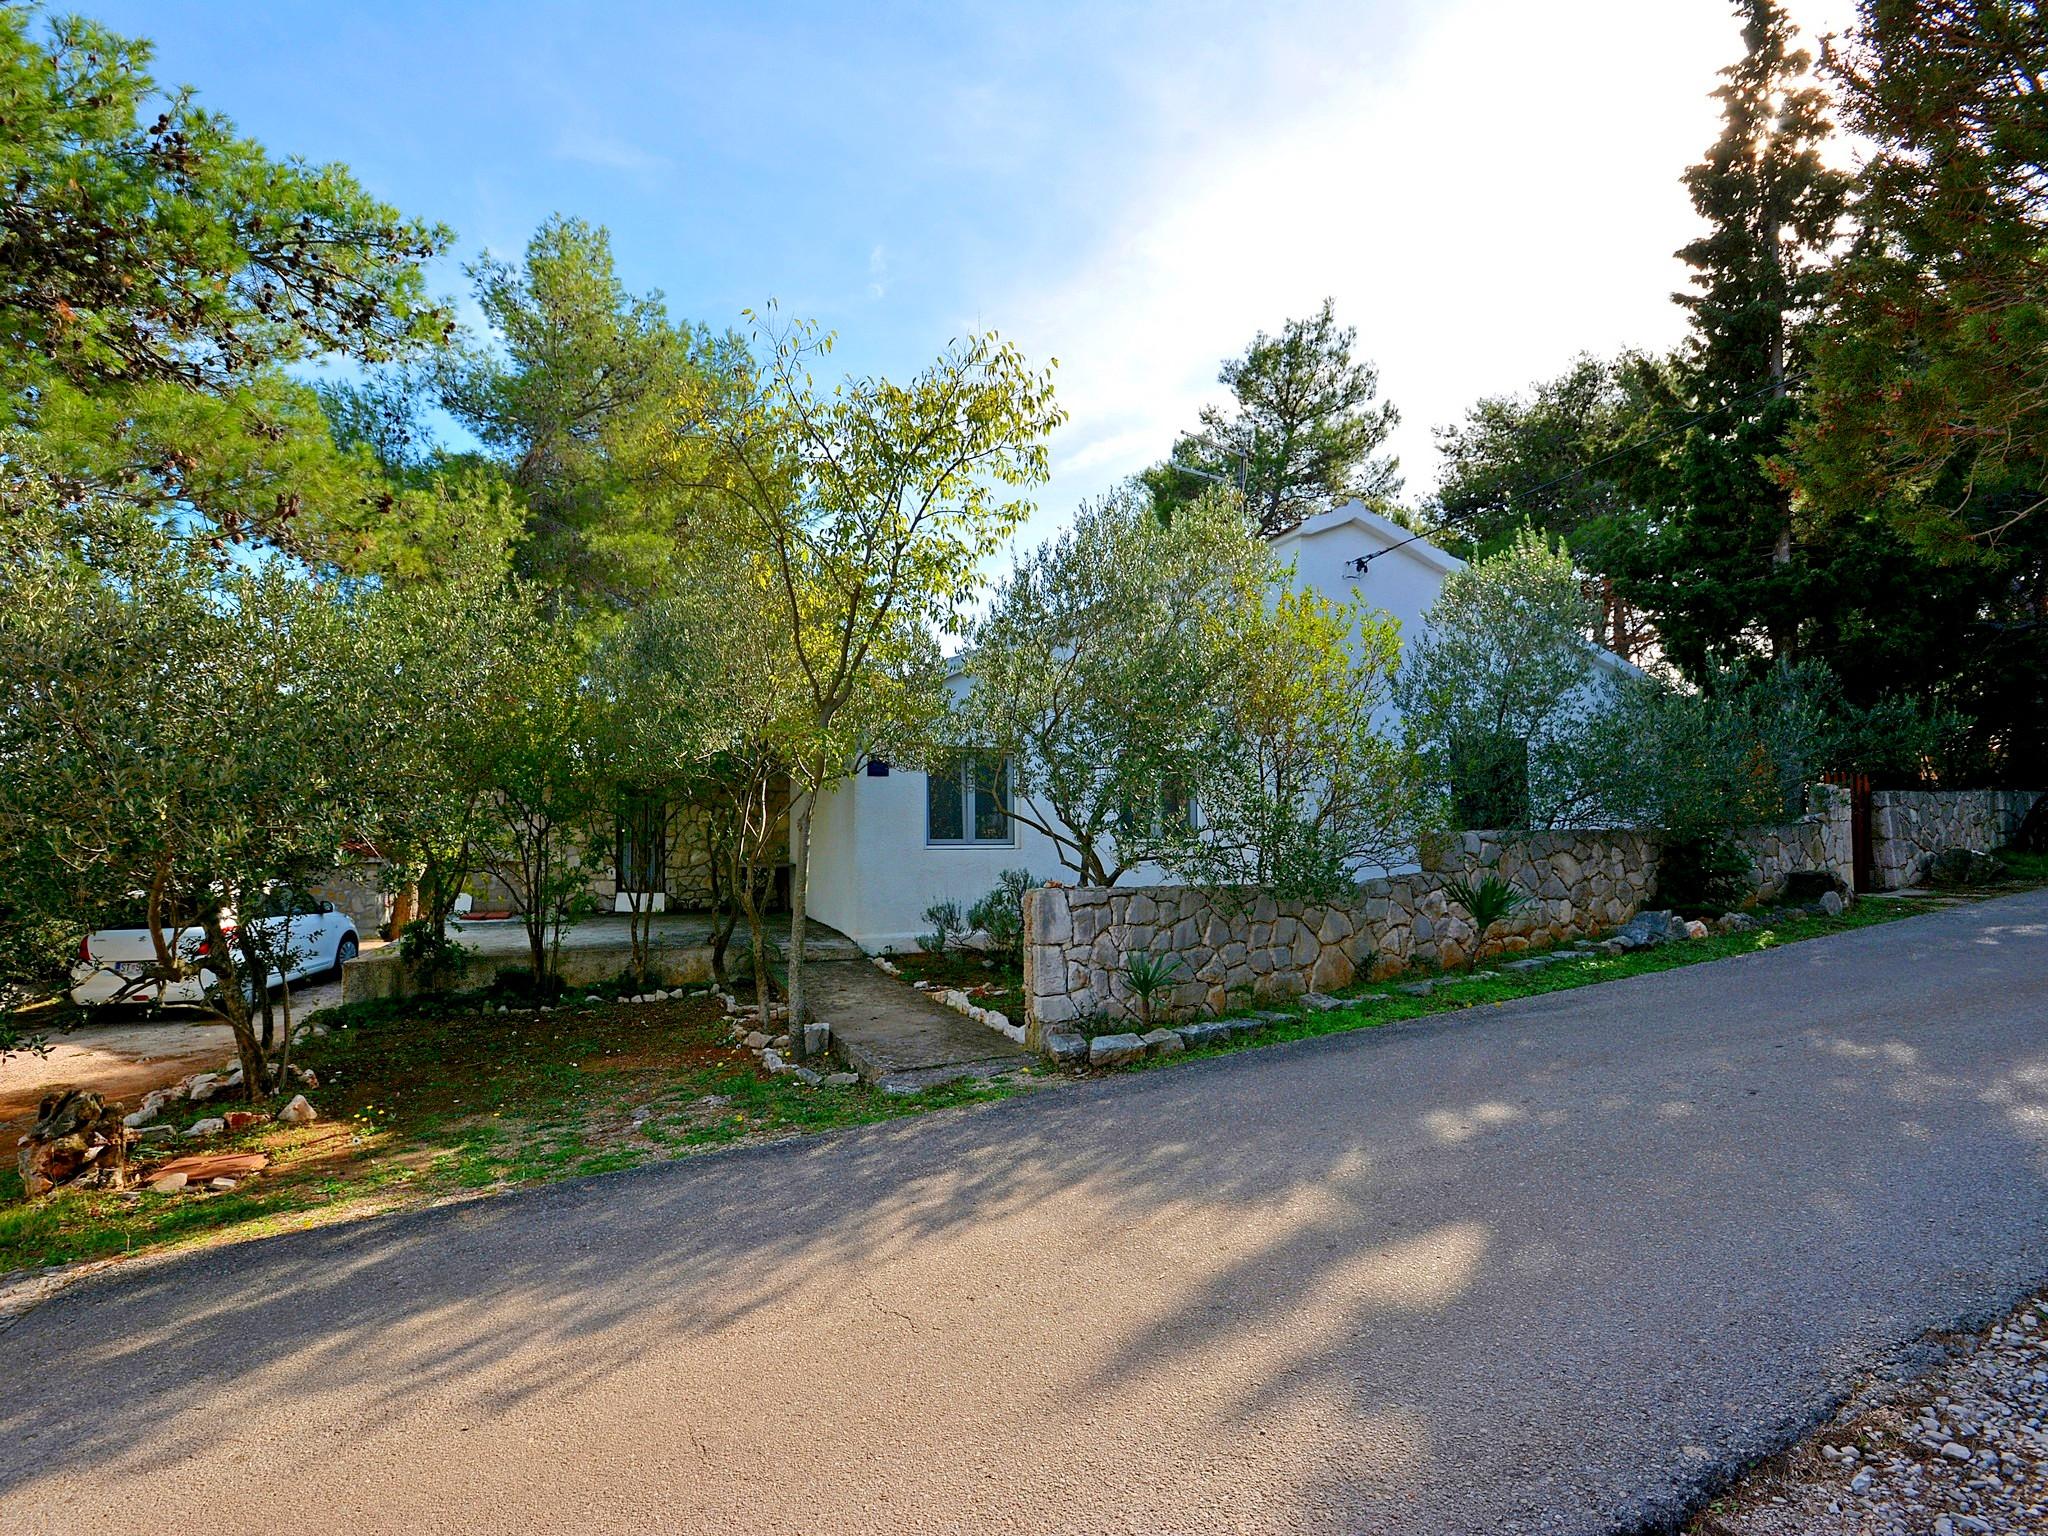 Ferienwohnung Ferienwohnungen Duaan, Apartman A4 (942266), Vrbanj, Insel Hvar, Dalmatien, Kroatien, Bild 1